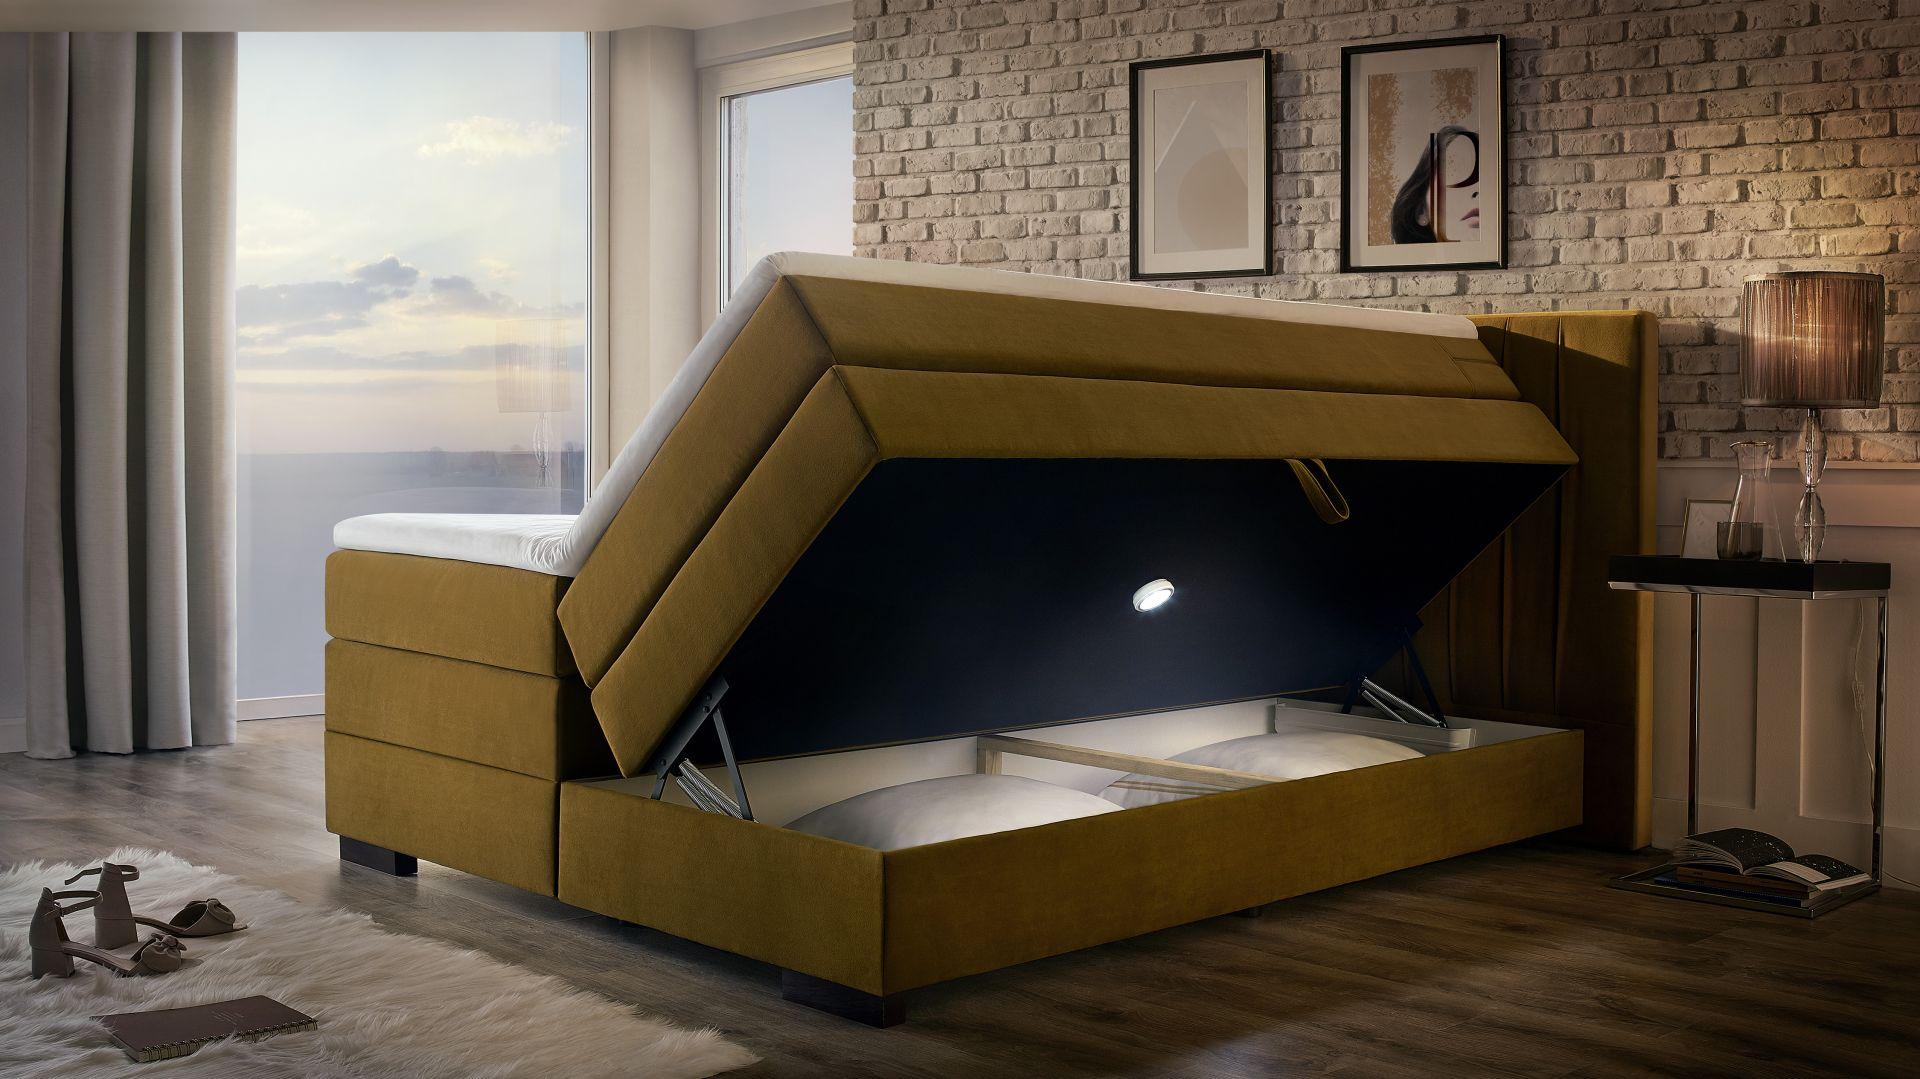 Kolekcja łóżek tapicerowanych Palermo/Emilia Meble. Produkt zgłoszony do konkursu Dobry Design 2020.